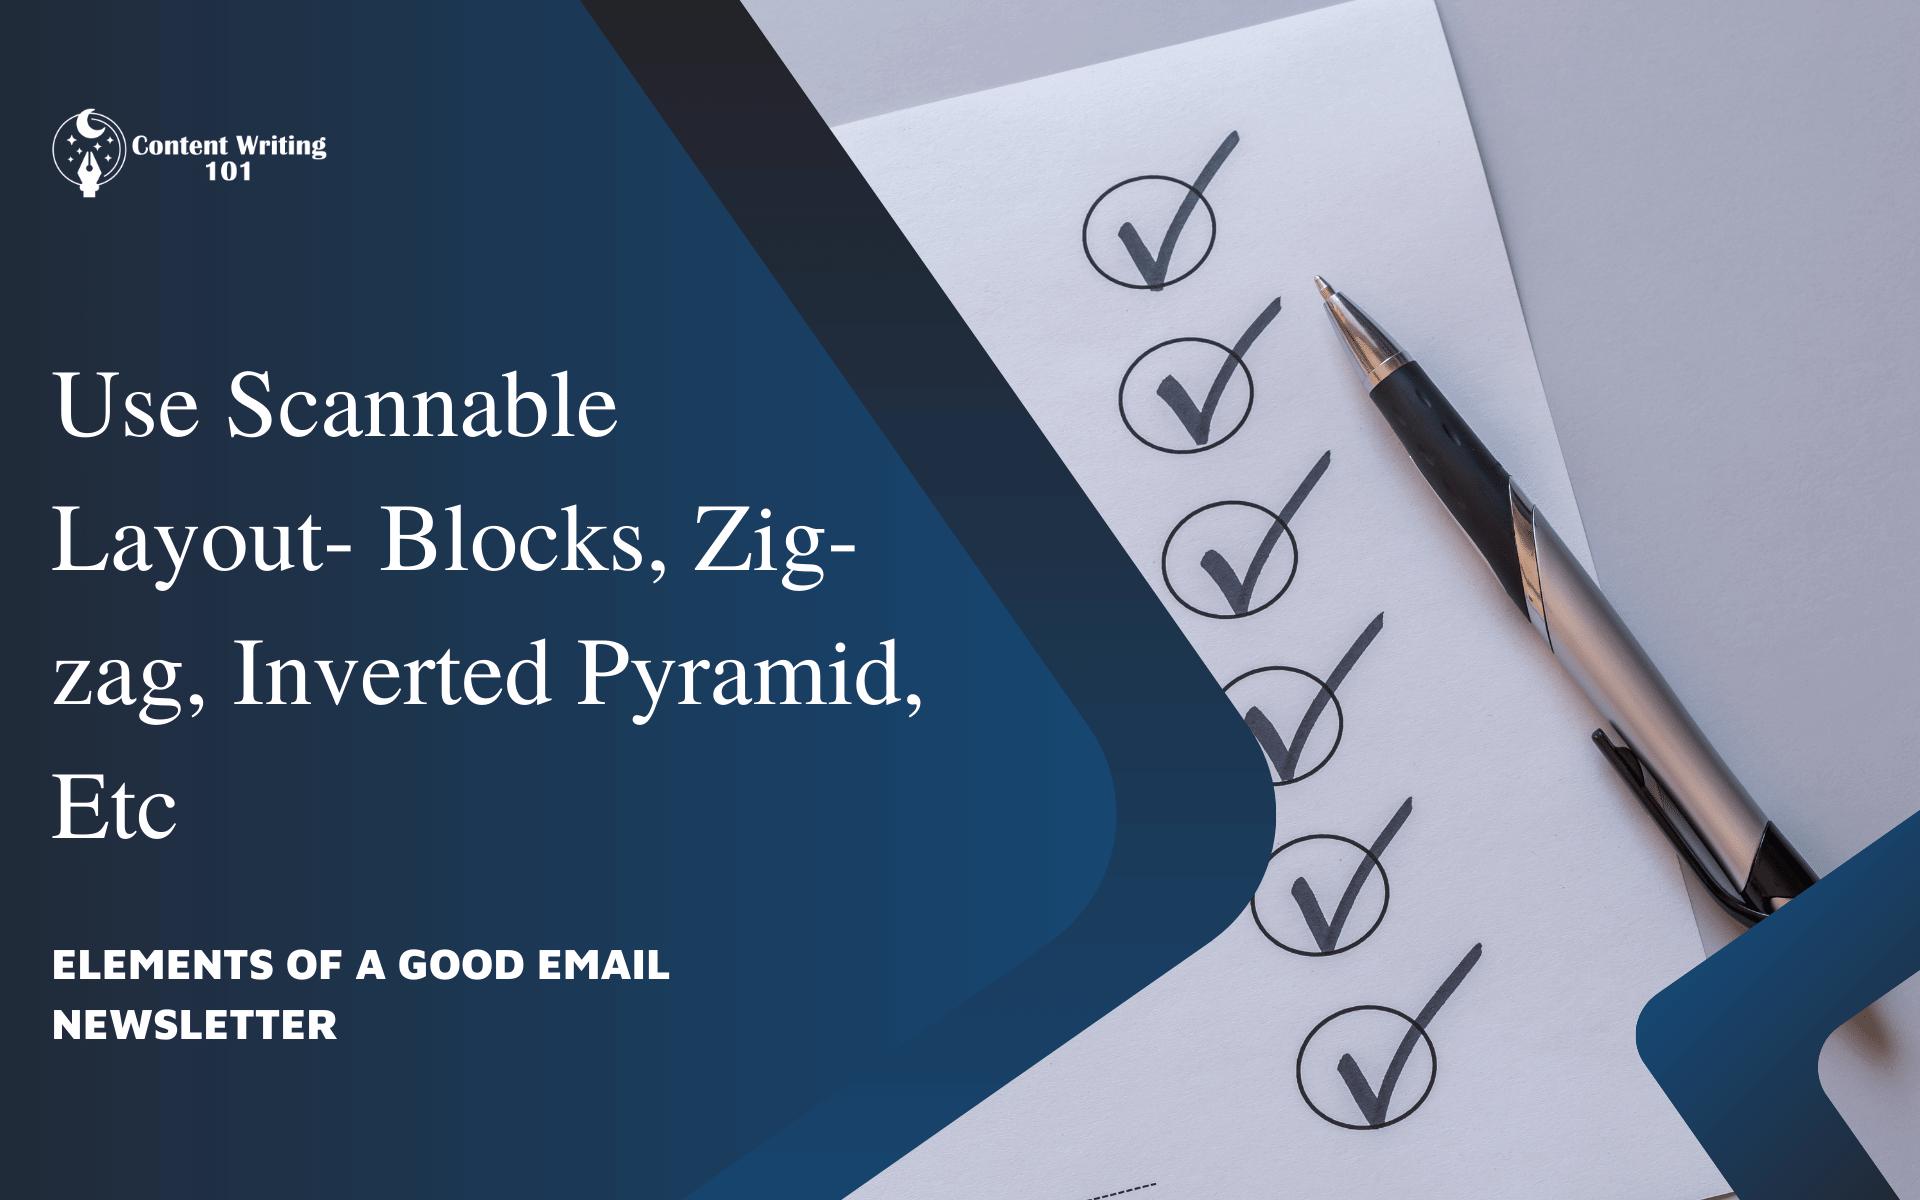 5. Use Scannable Layout- Blocks, Zig-zag, Inverted Pyramid, Etc